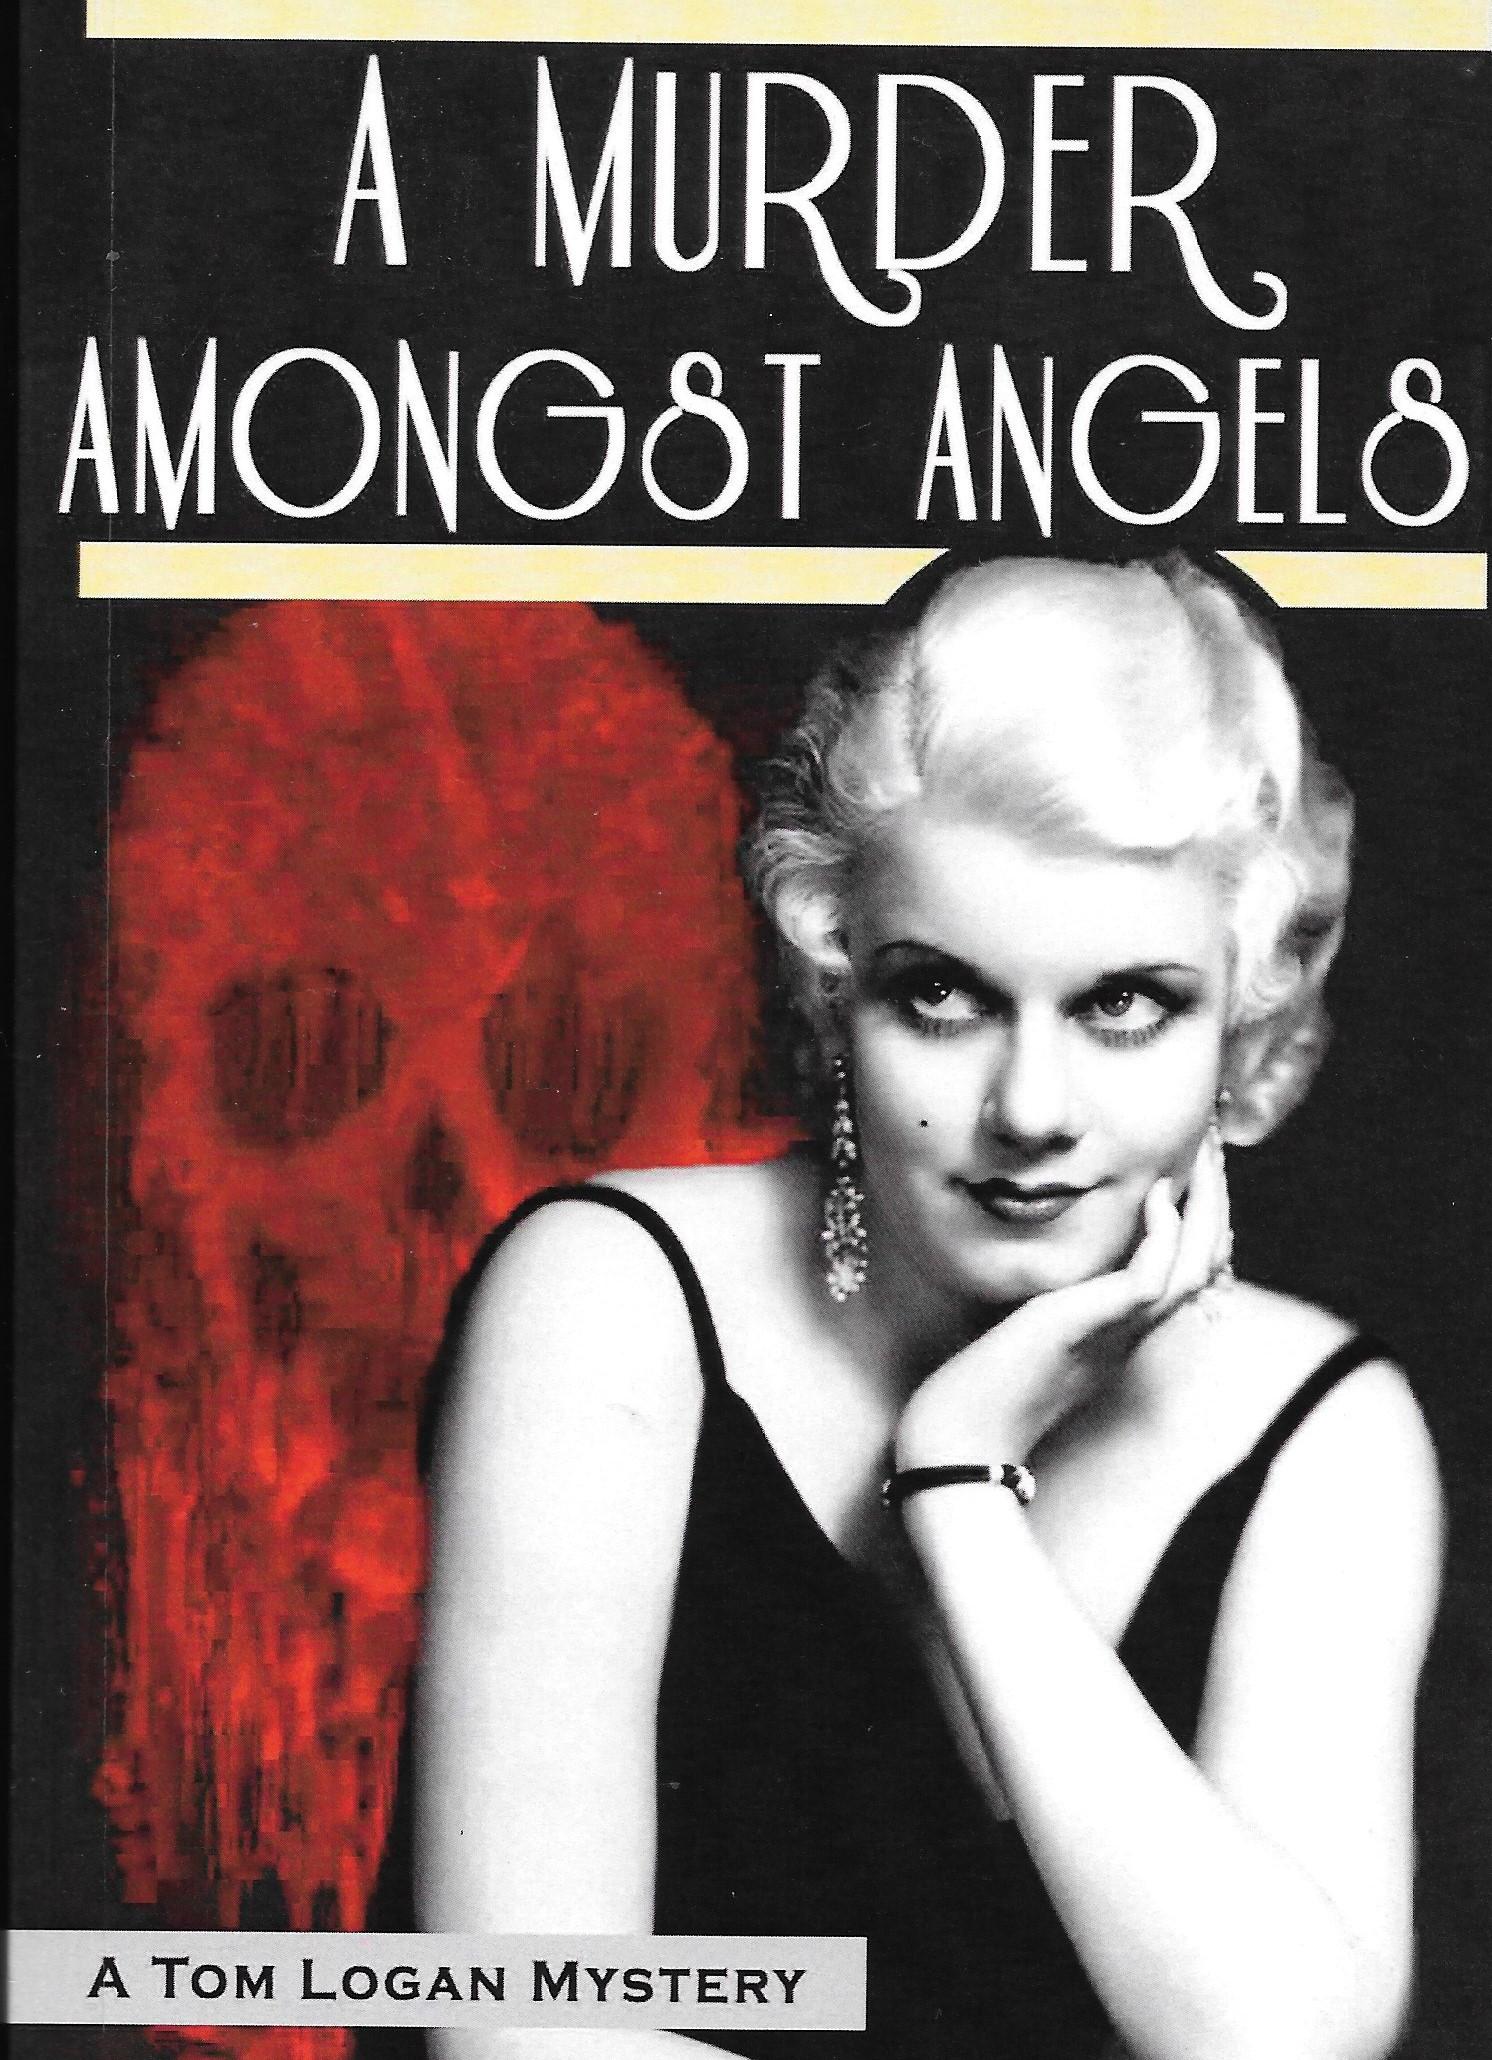 A Murder Amongst Angels